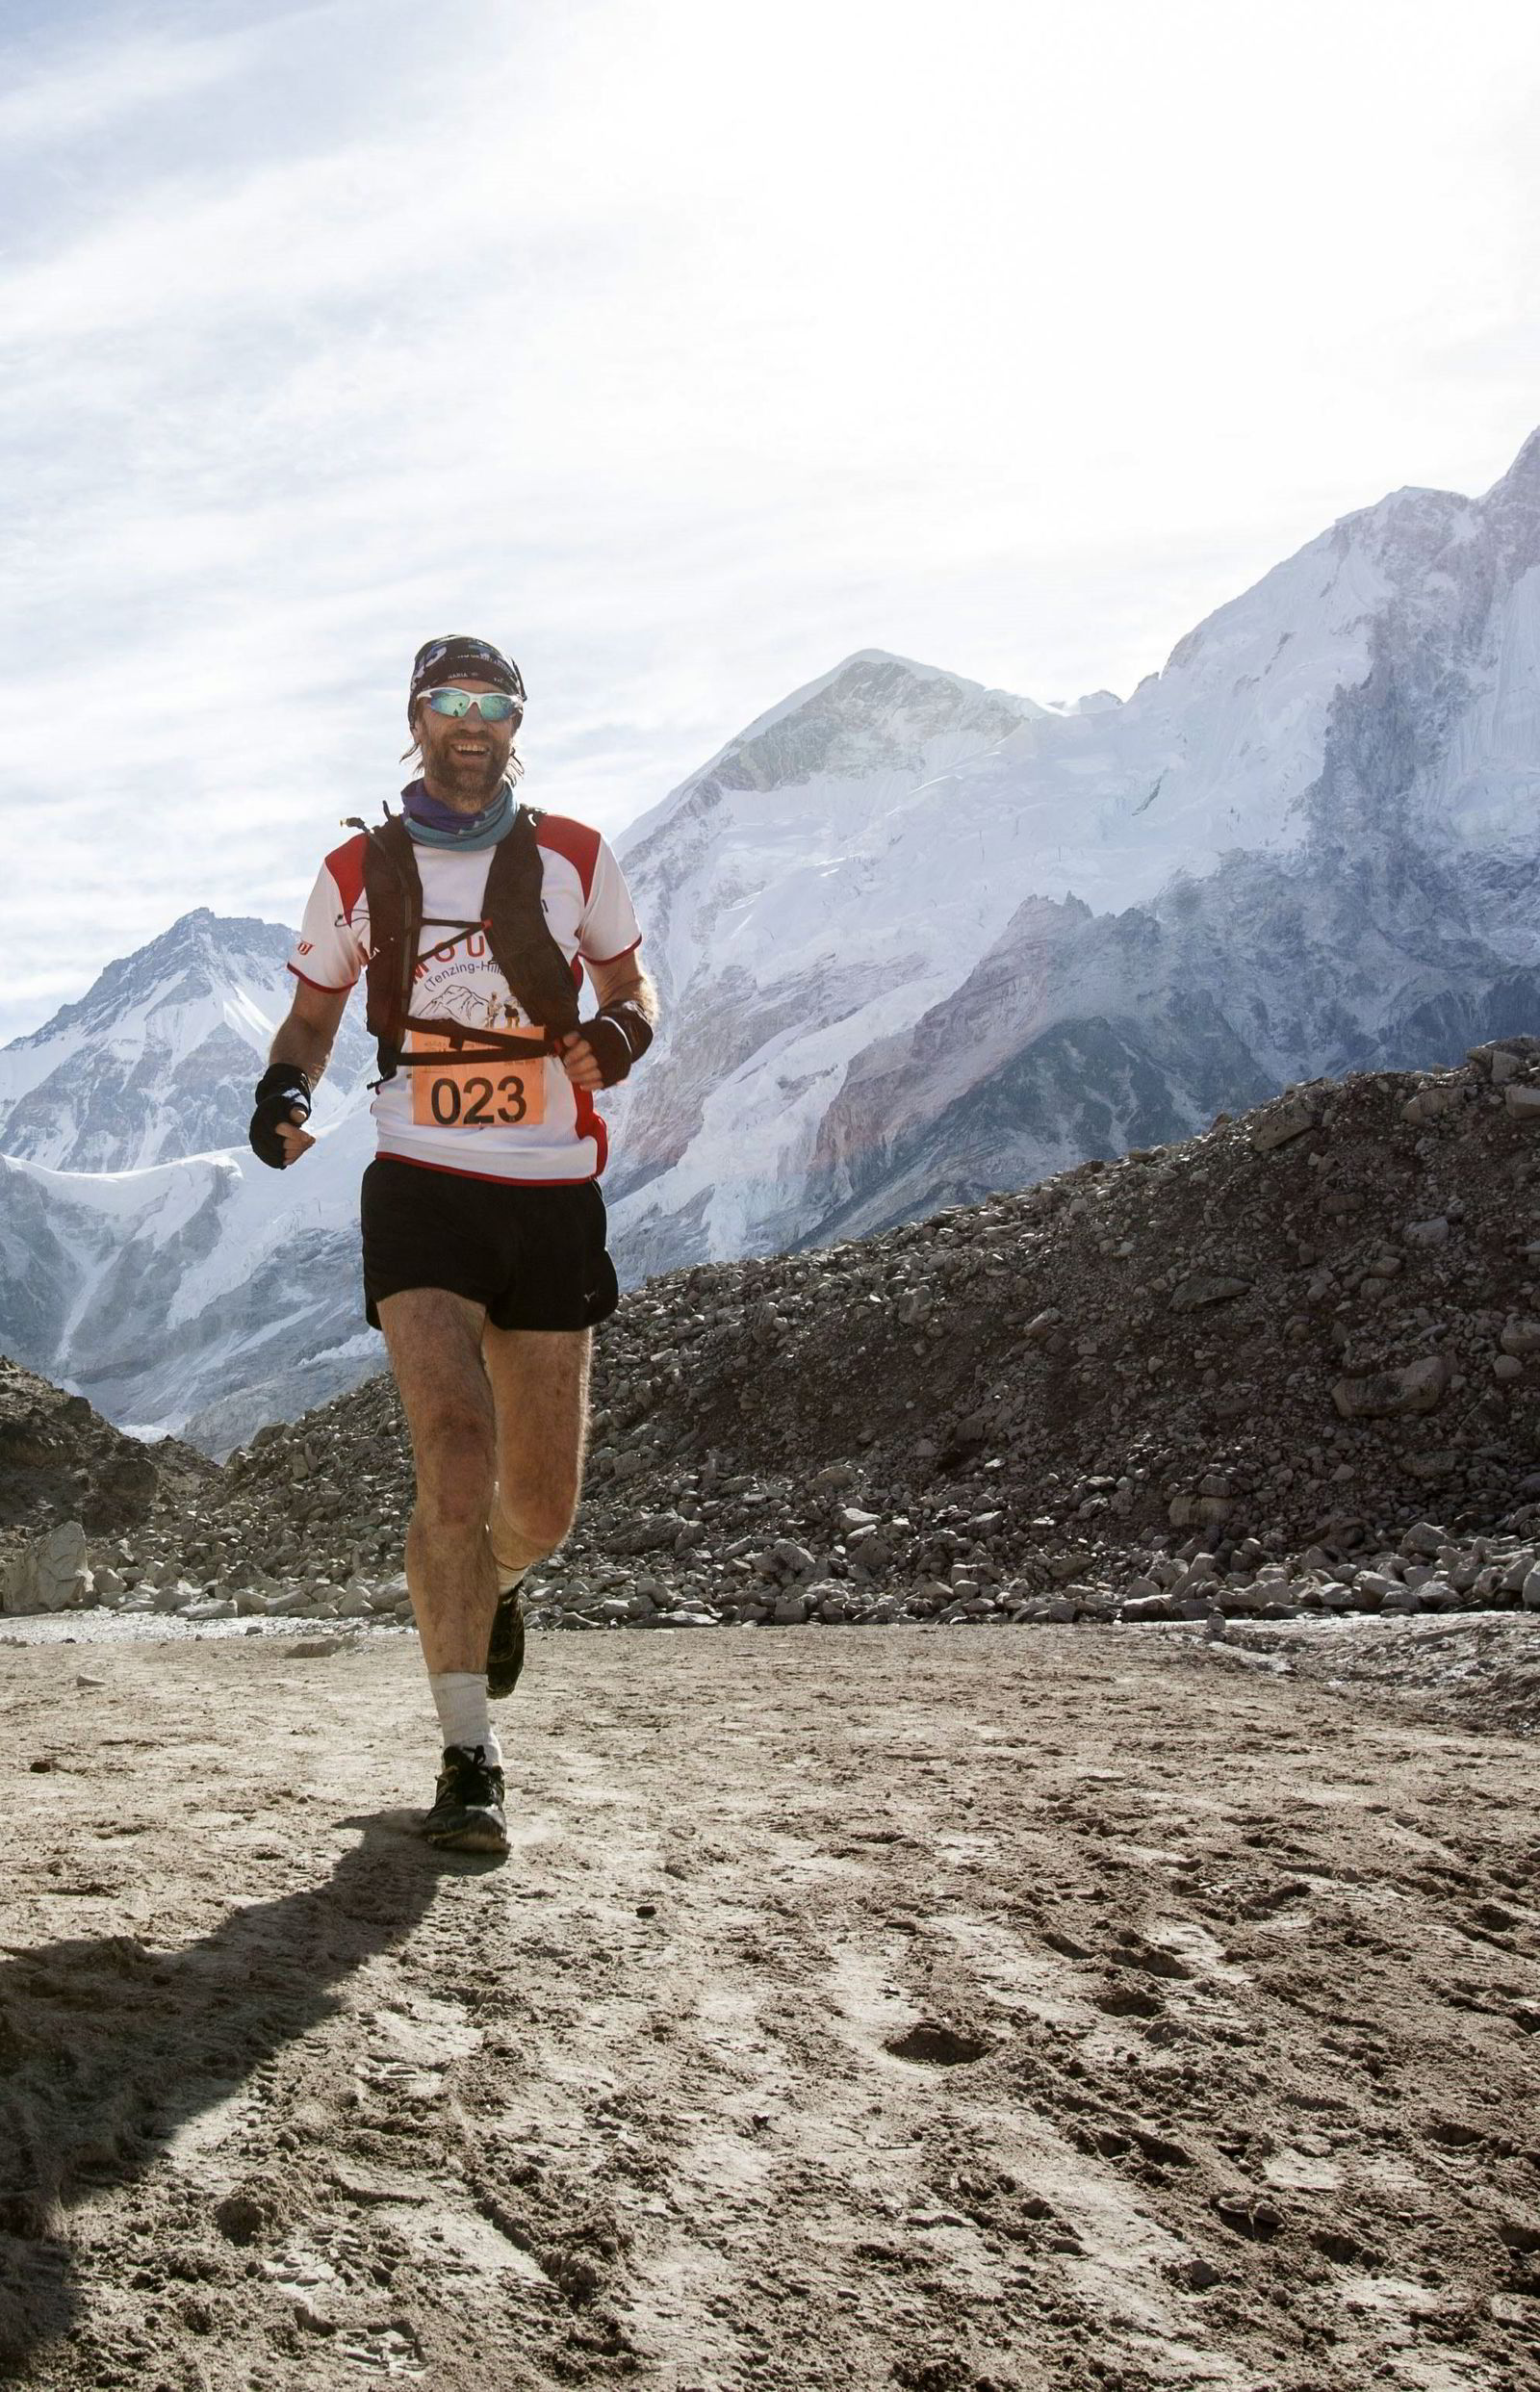 Jamie Ross Mackenzie i løypen som starter fra foten av  verdens høyeste fjell, under Everest Maraton. Det var bare starten på hans ekstremutfordring. Foto: Uma Bista/